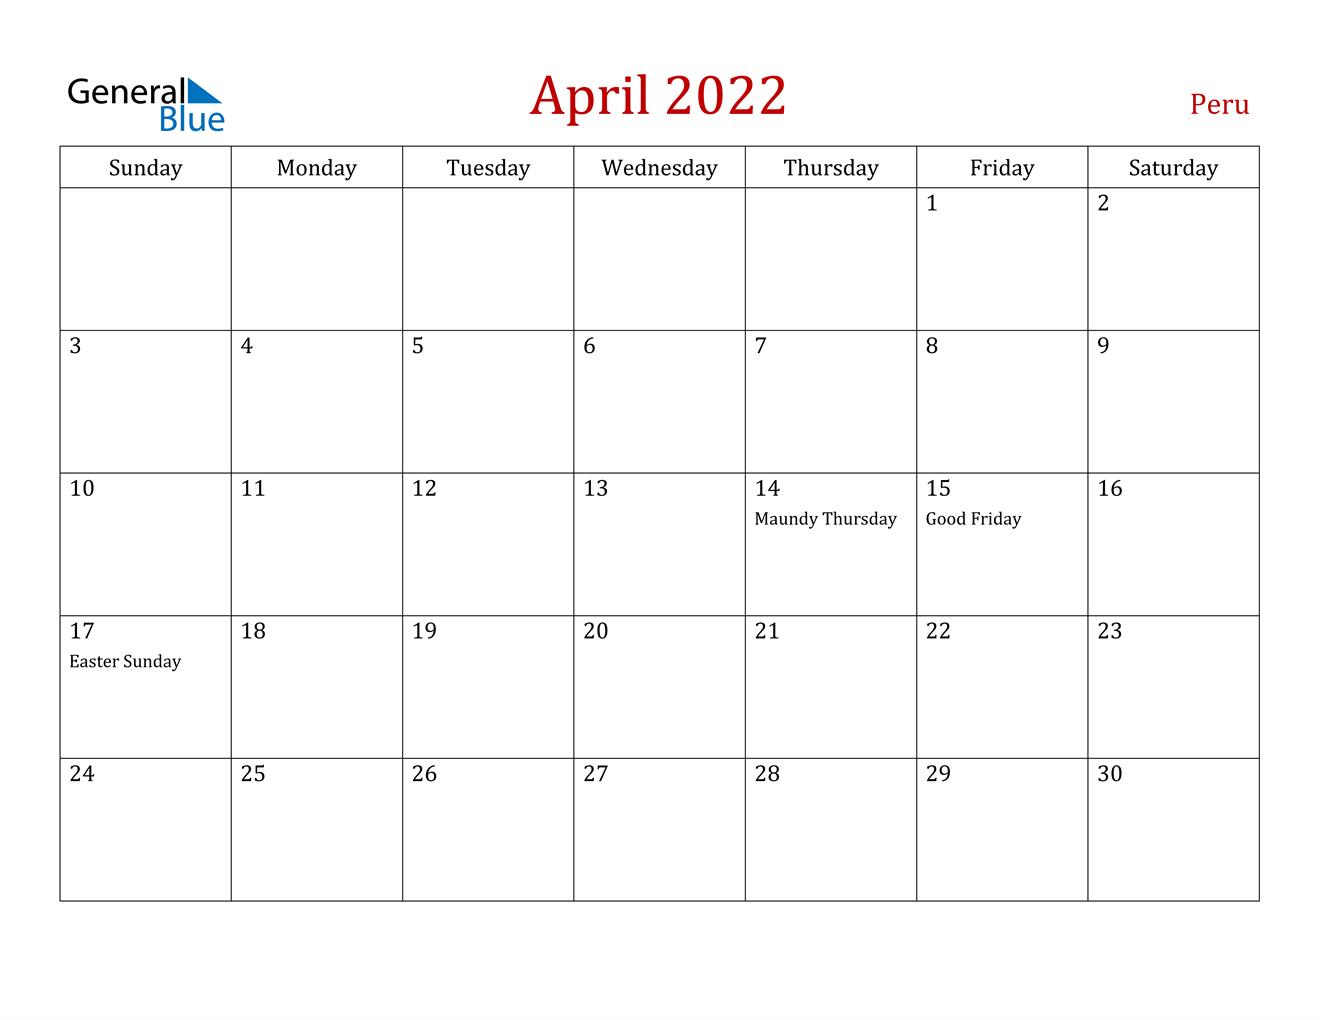 April 2022 Calendar - Peru